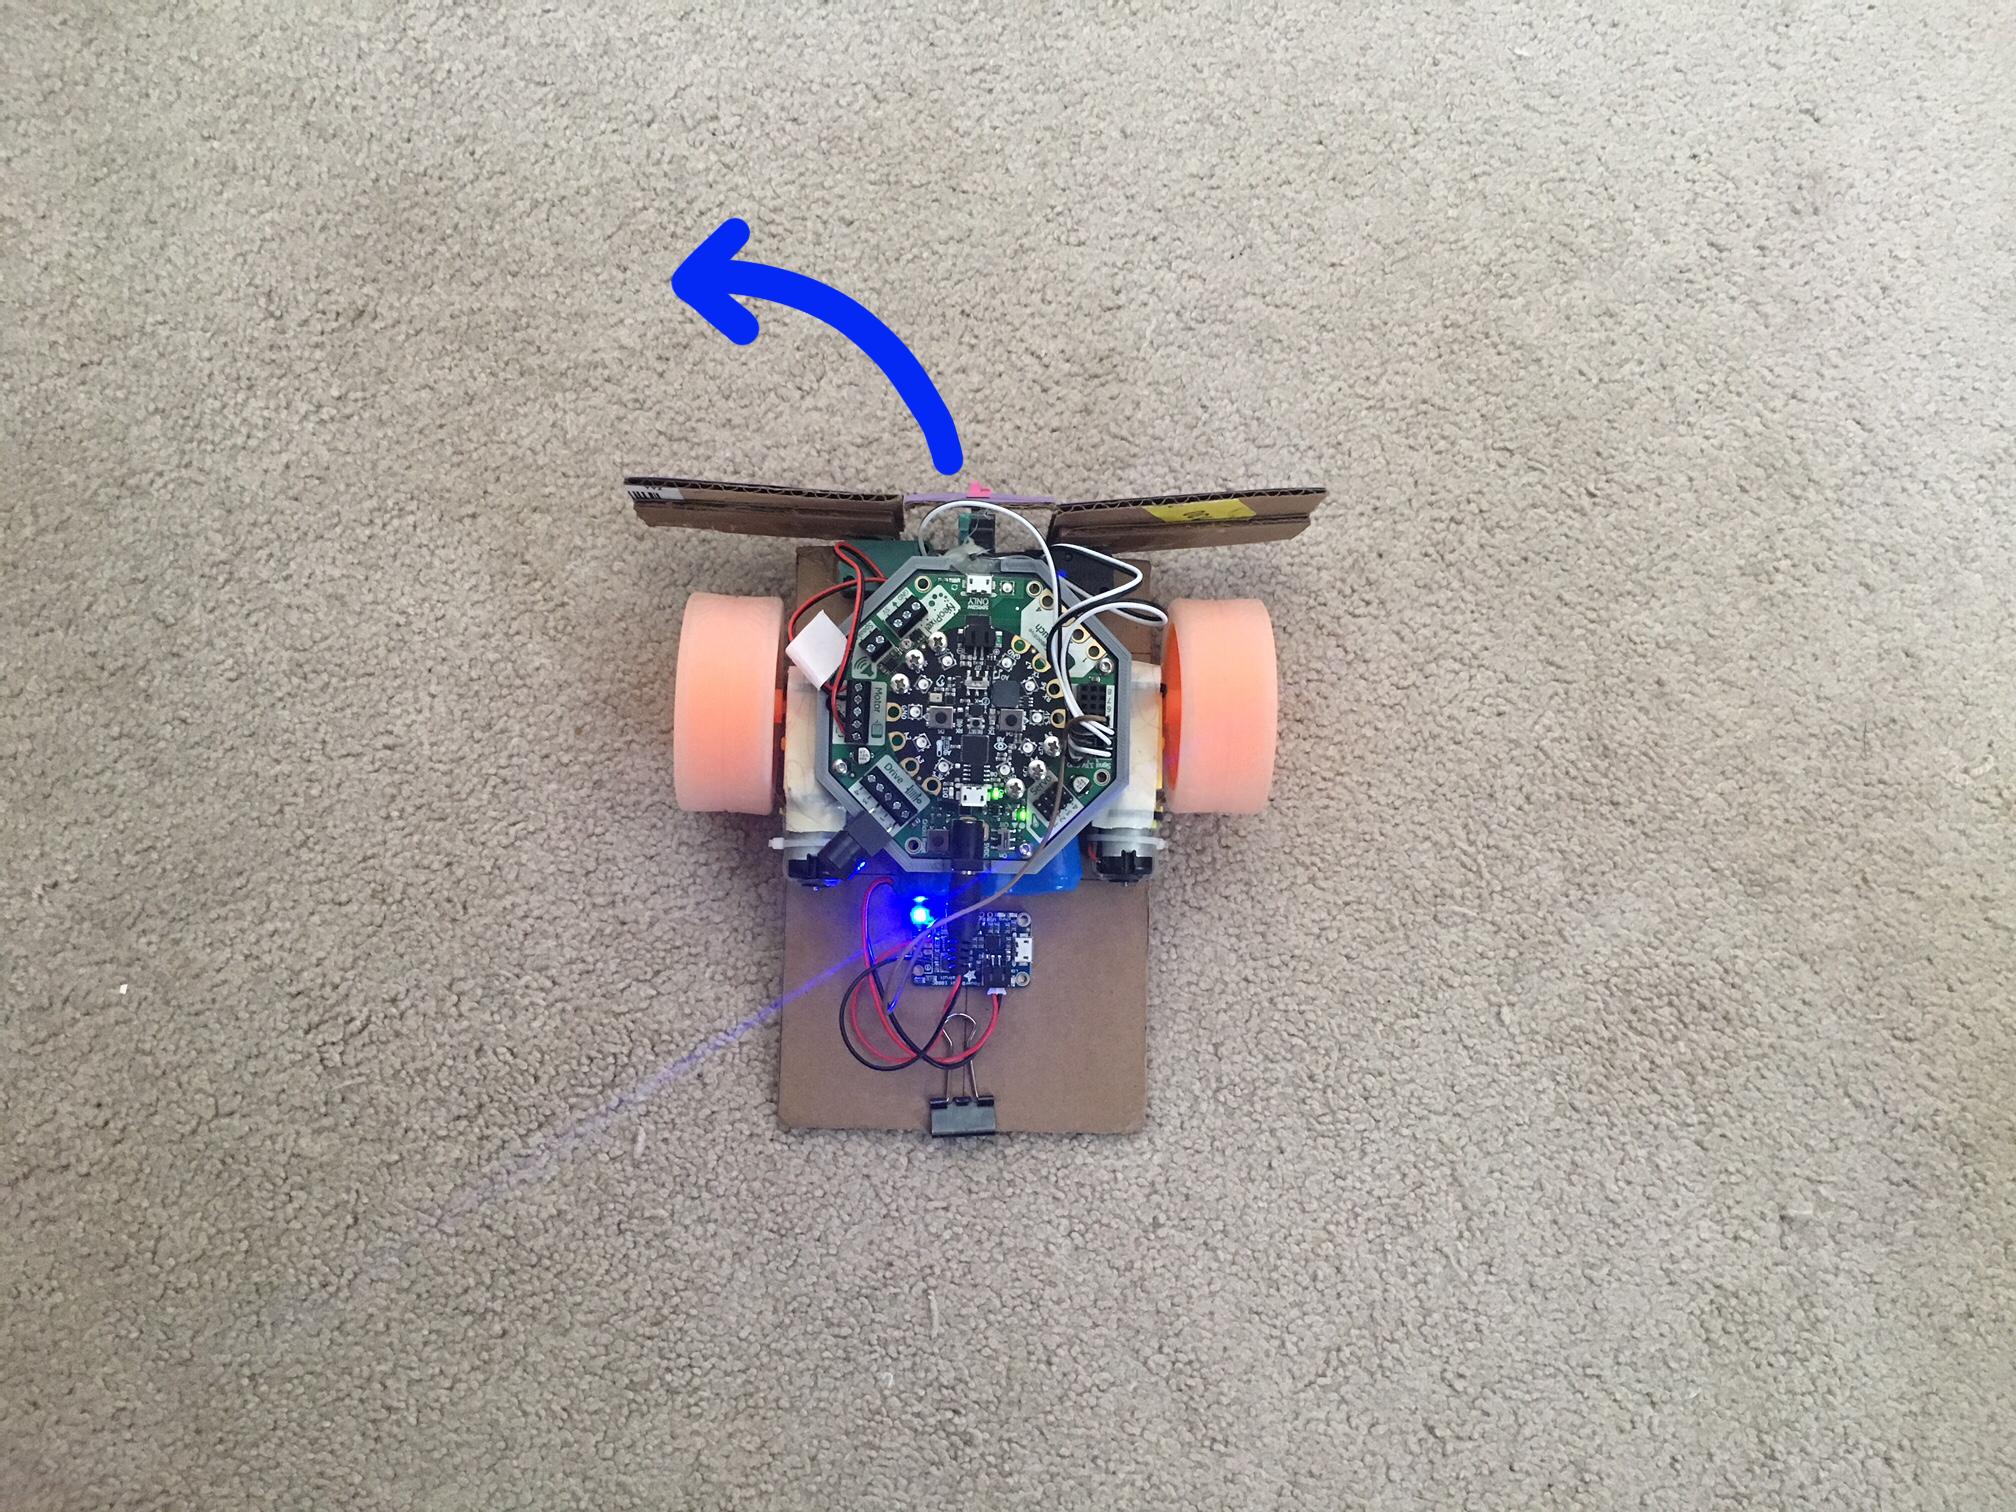 robotics___cnc_forward-left.png